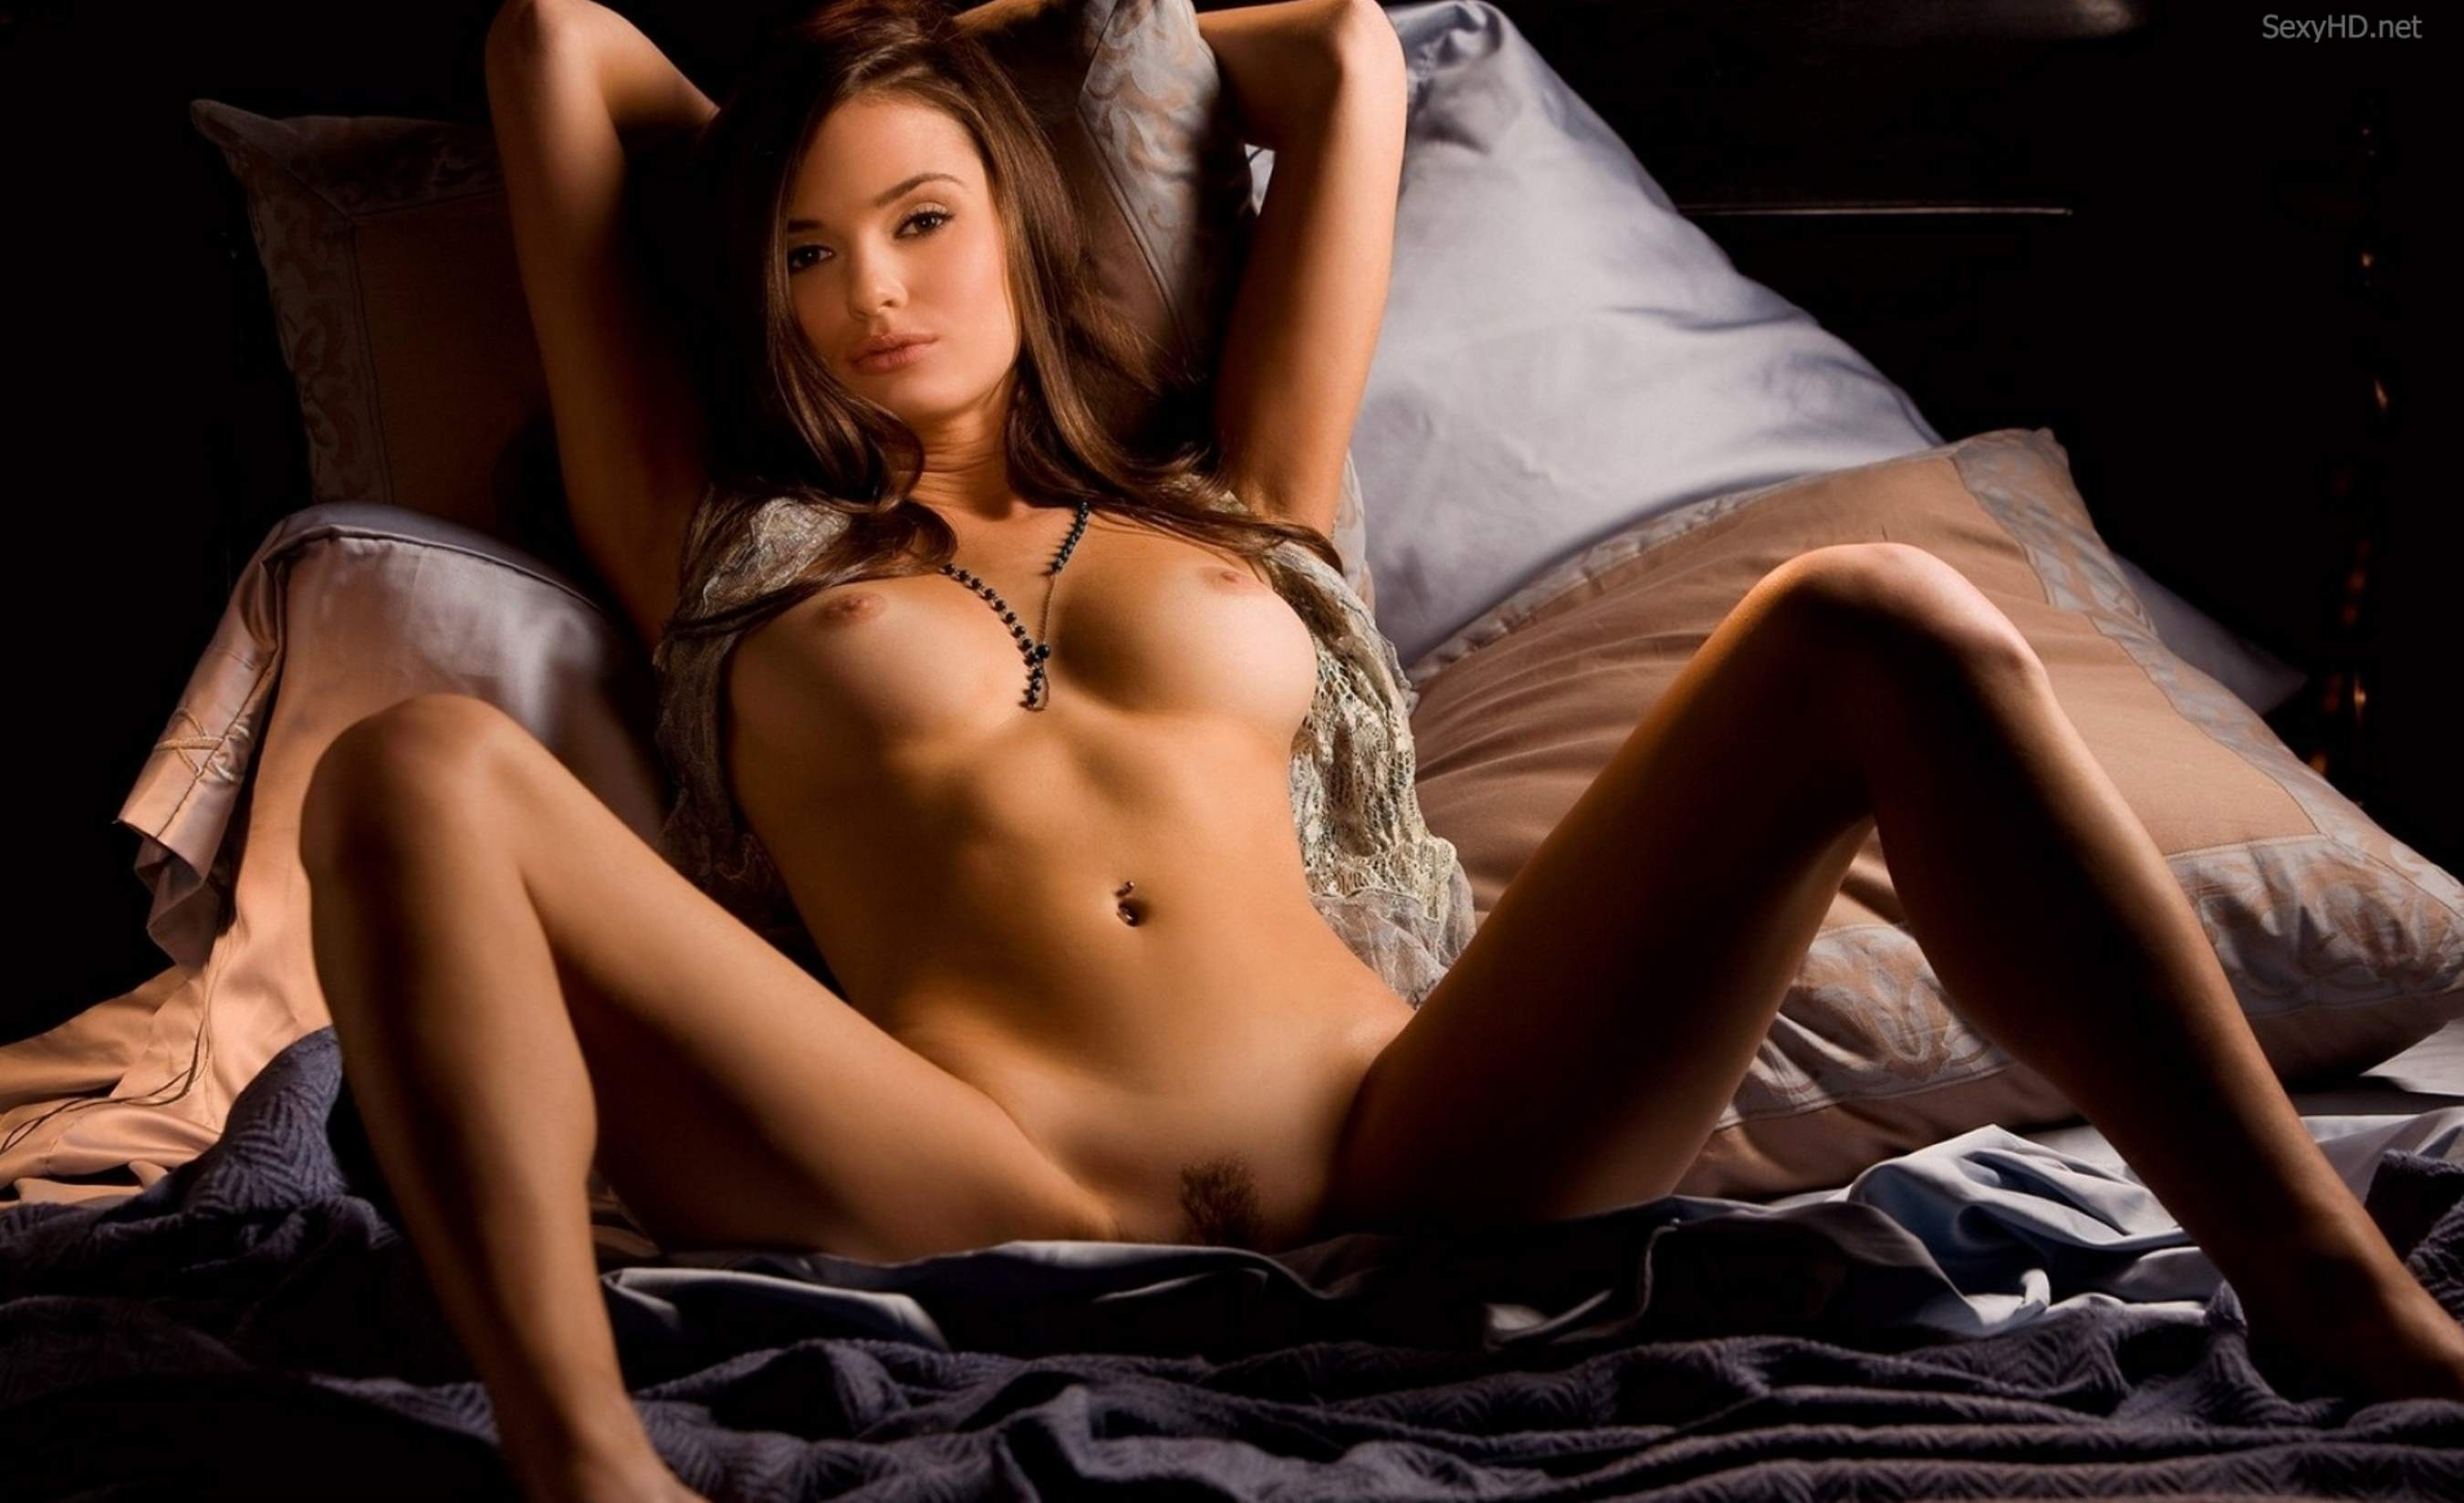 Секс русские соблазны 19 фотография